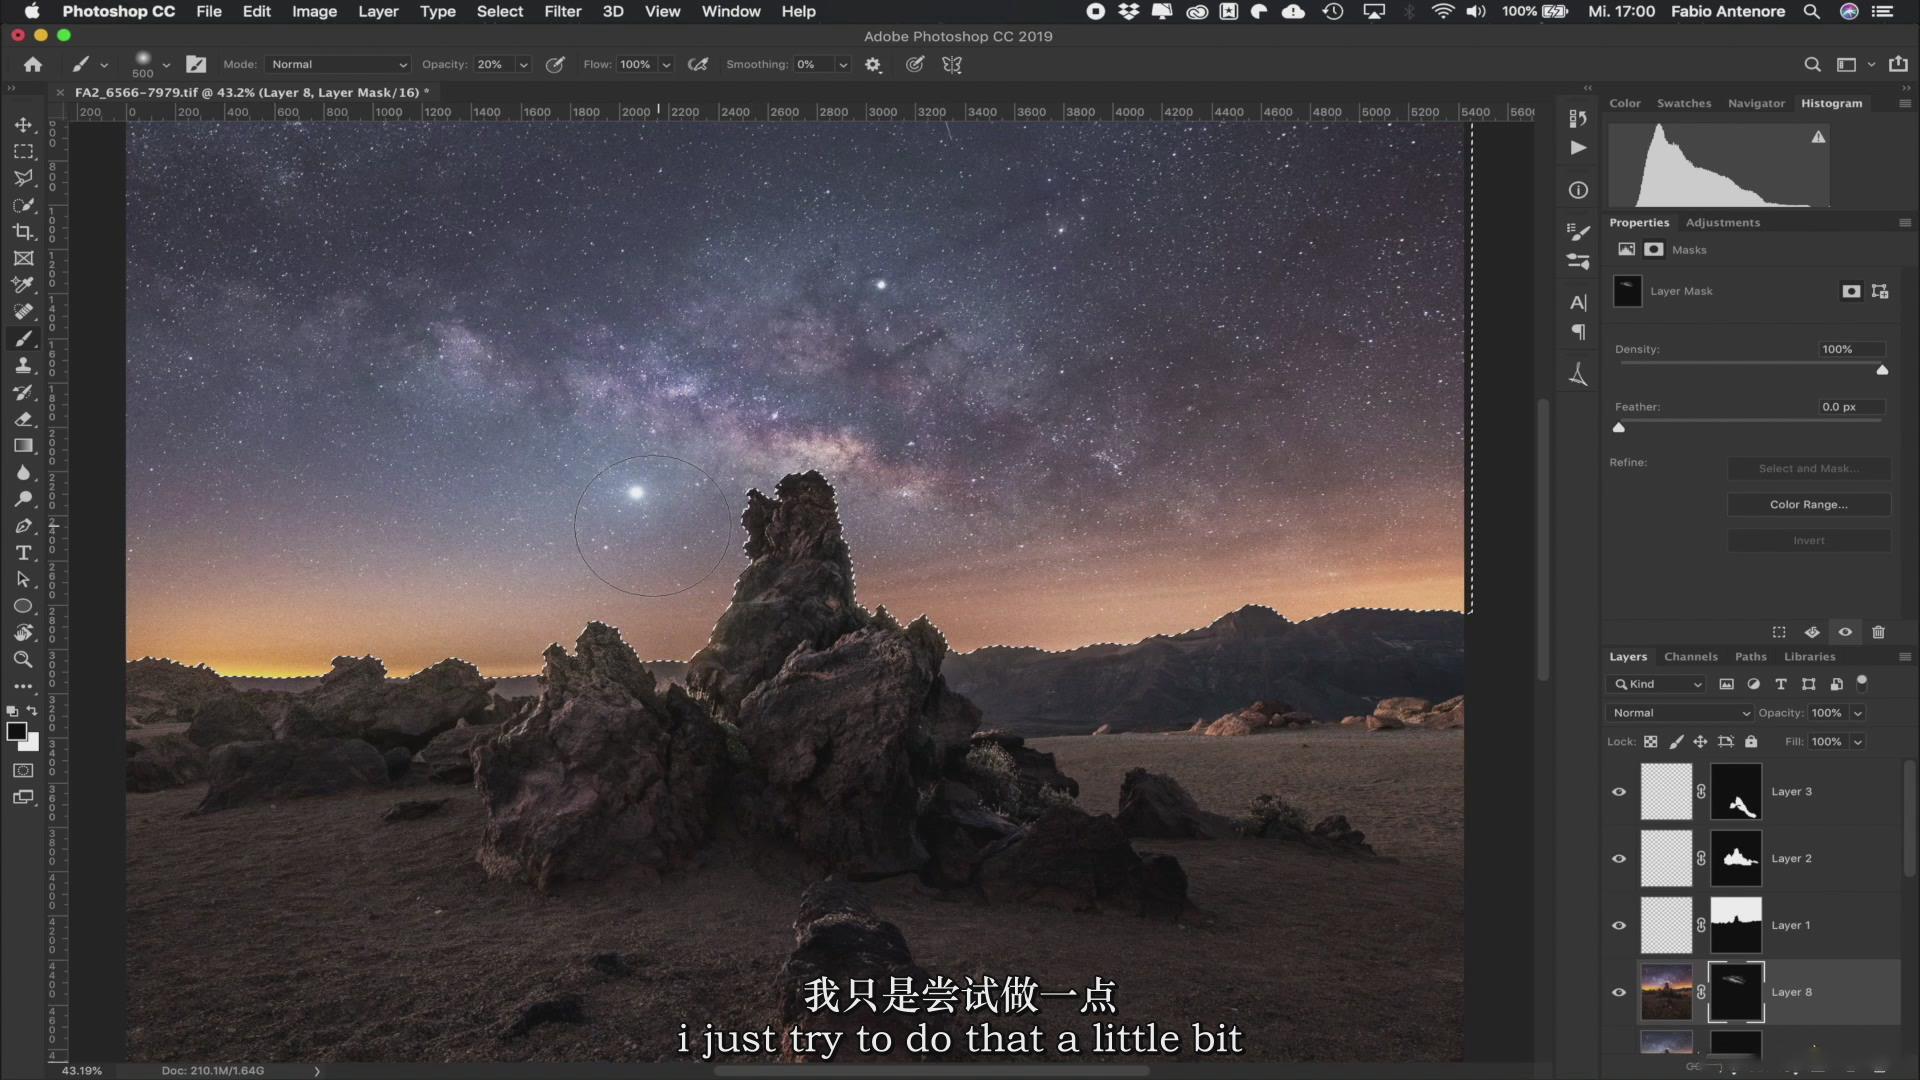 摄影教程_Fabio Antenore-超级真实银河系夜景风光摄影及后期附扩展素材-中英字幕 摄影教程 _预览图23